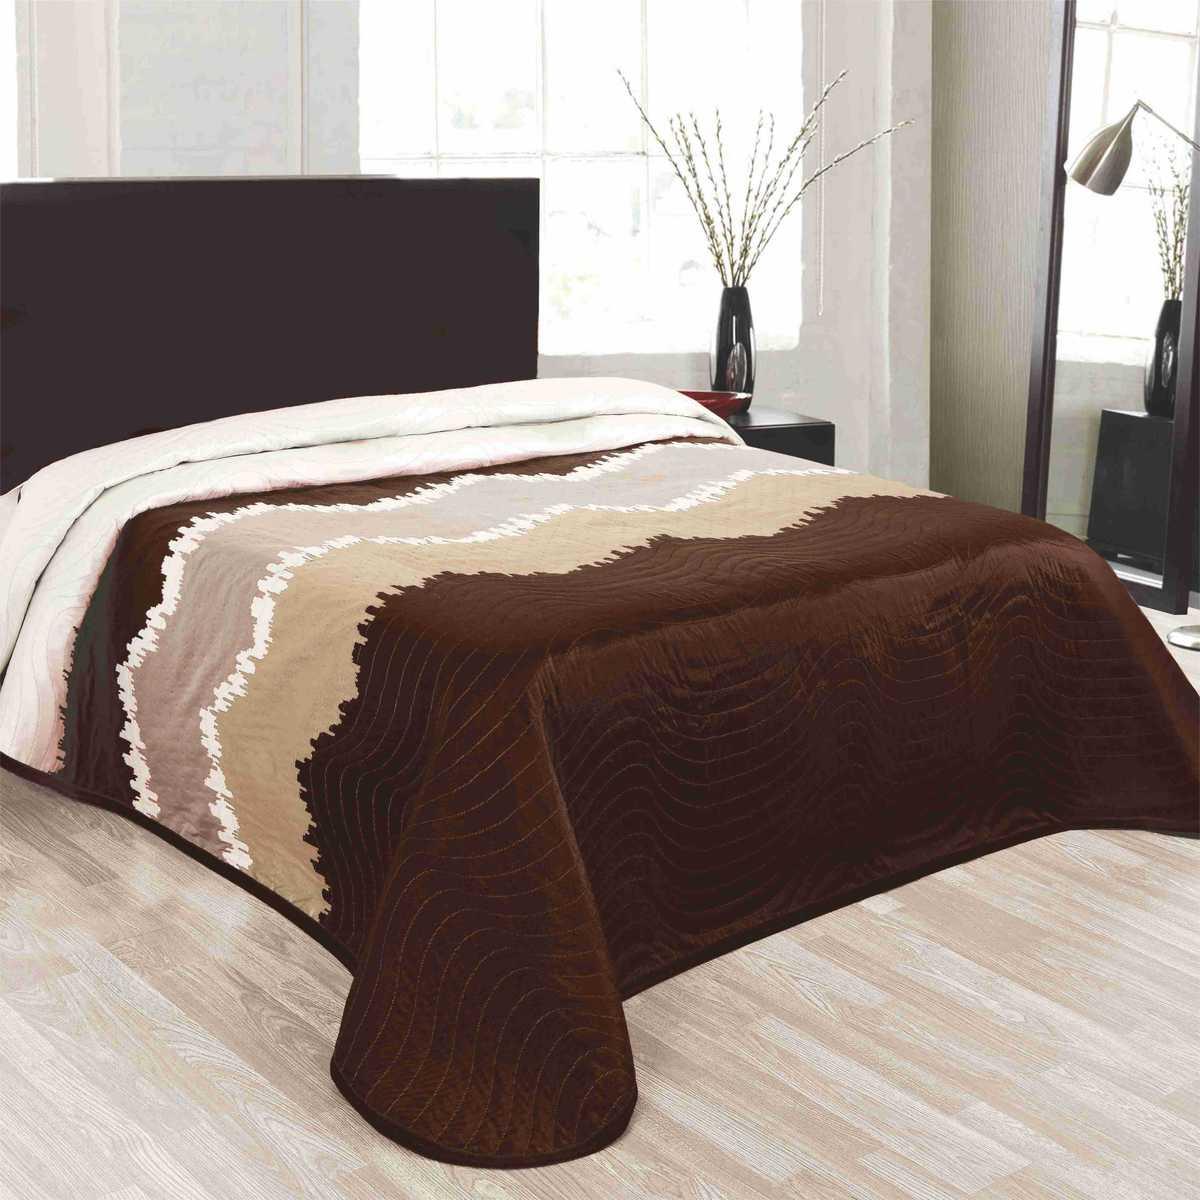 Forbyt, Přehoz na postel, Celine, hnědý 240 x 260 cm